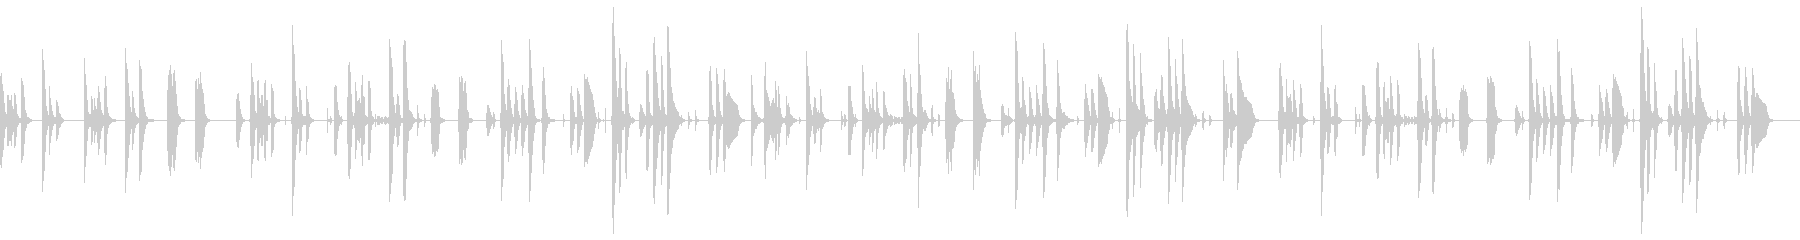 日常のあれこれの未再生の波形